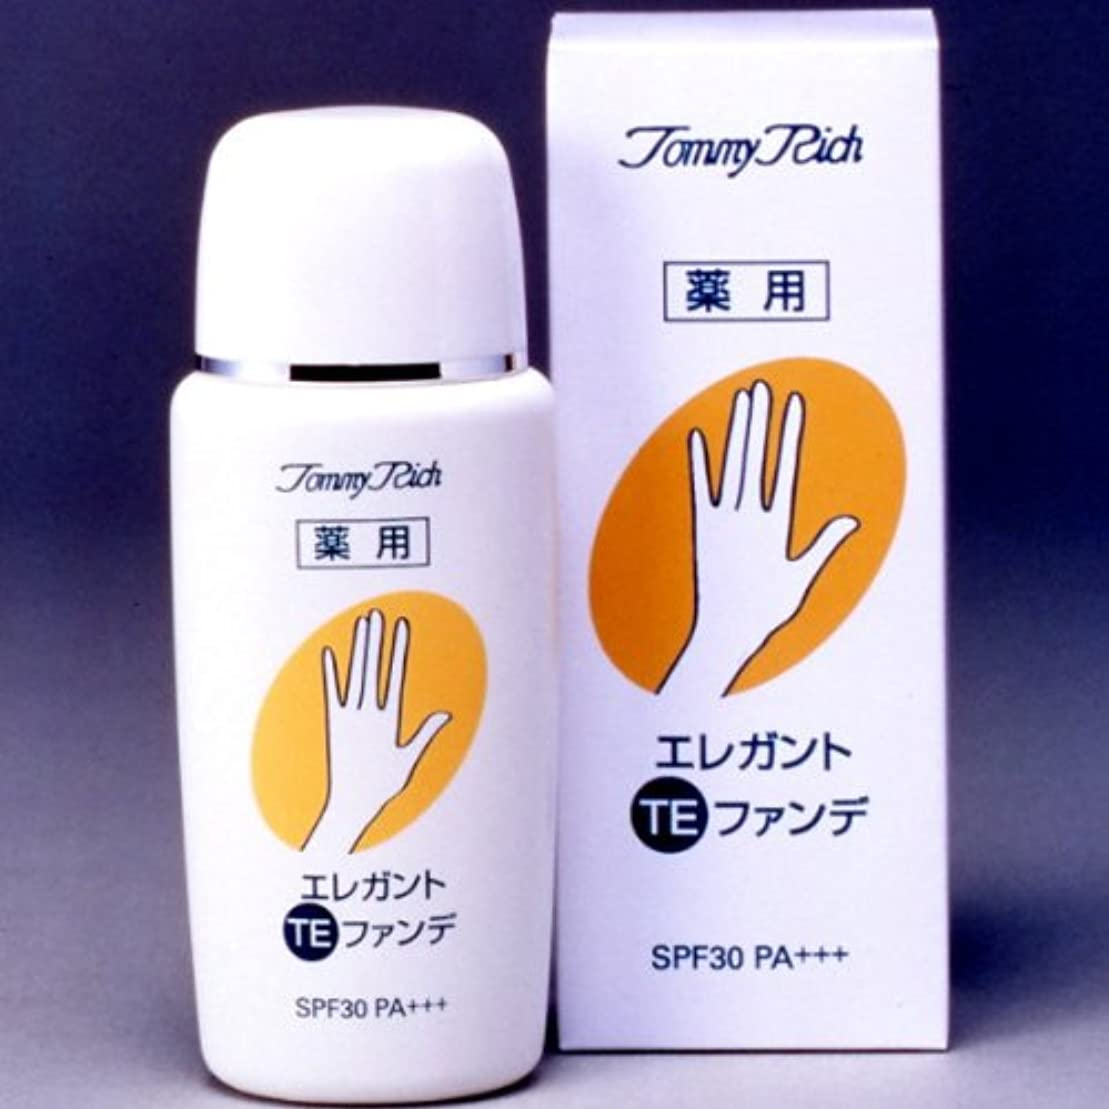 外科医悪化する激怒手や腕のシミや老班をカバーして、白く清潔で美しい手になる!!『薬用エレガントTEファンデ 』